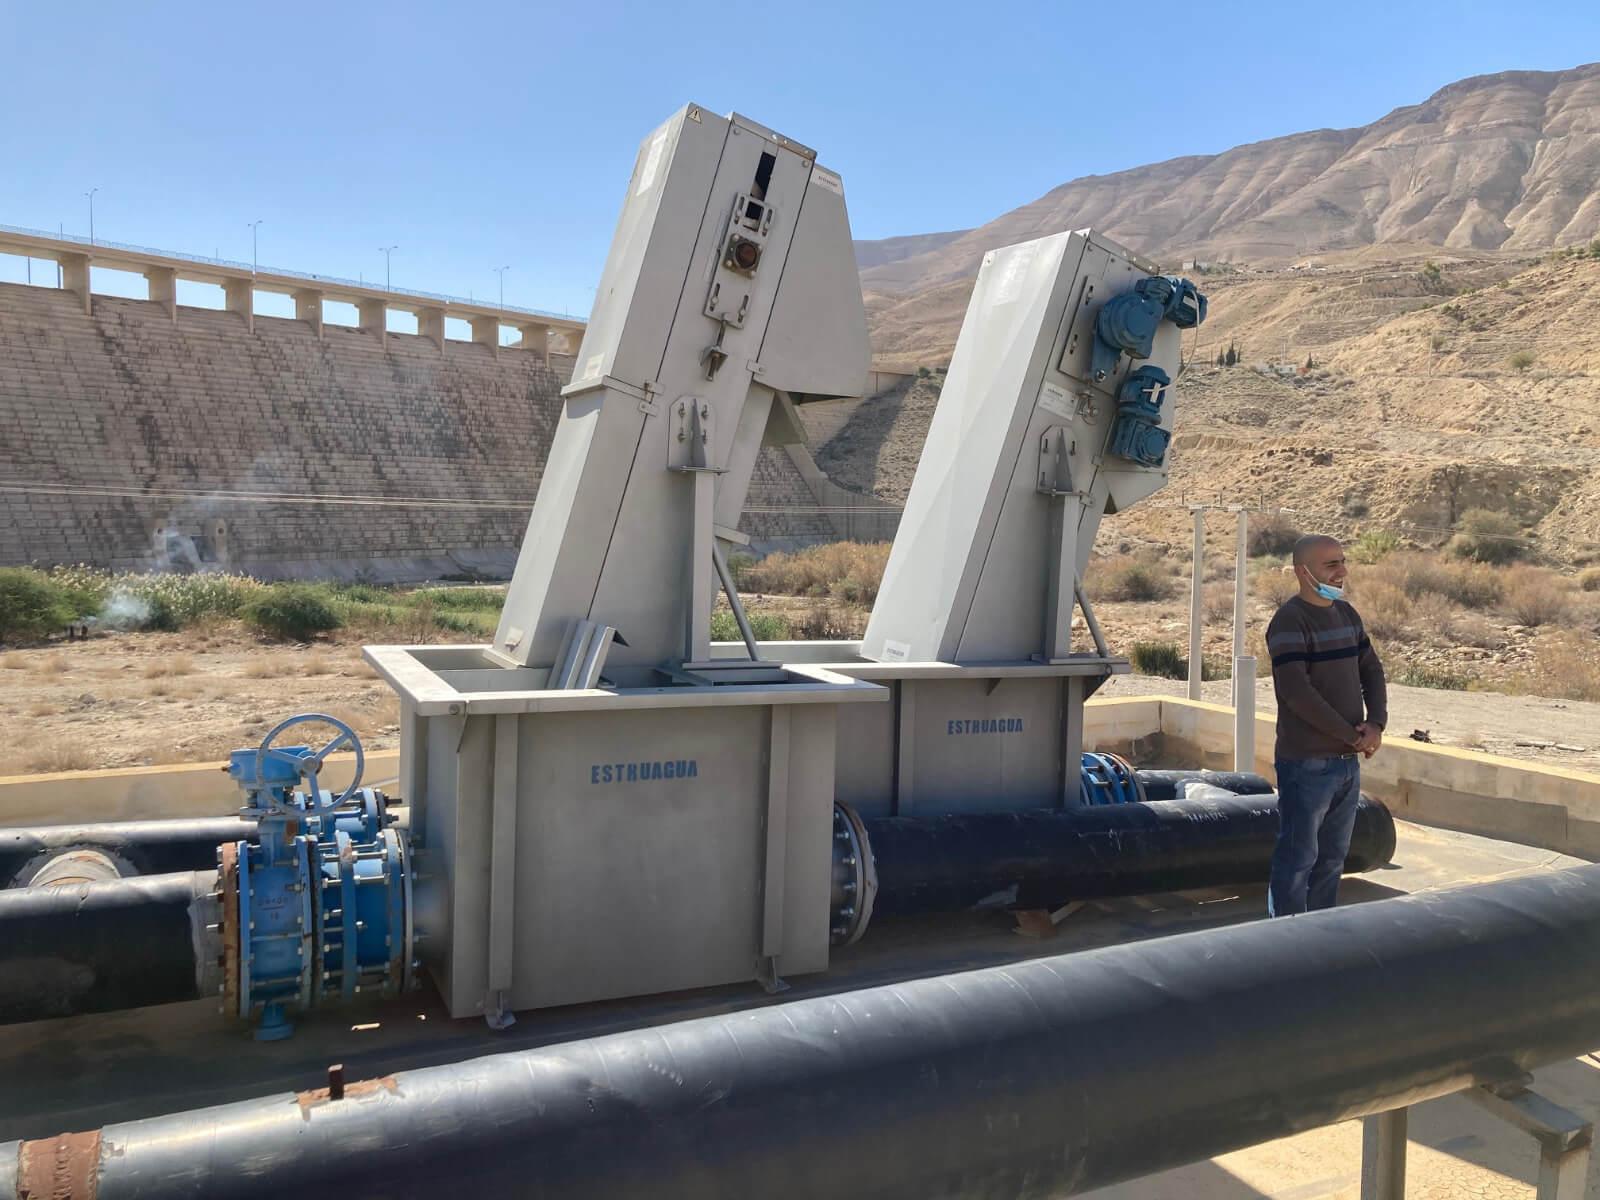 Instalación en Jordania Estruagua